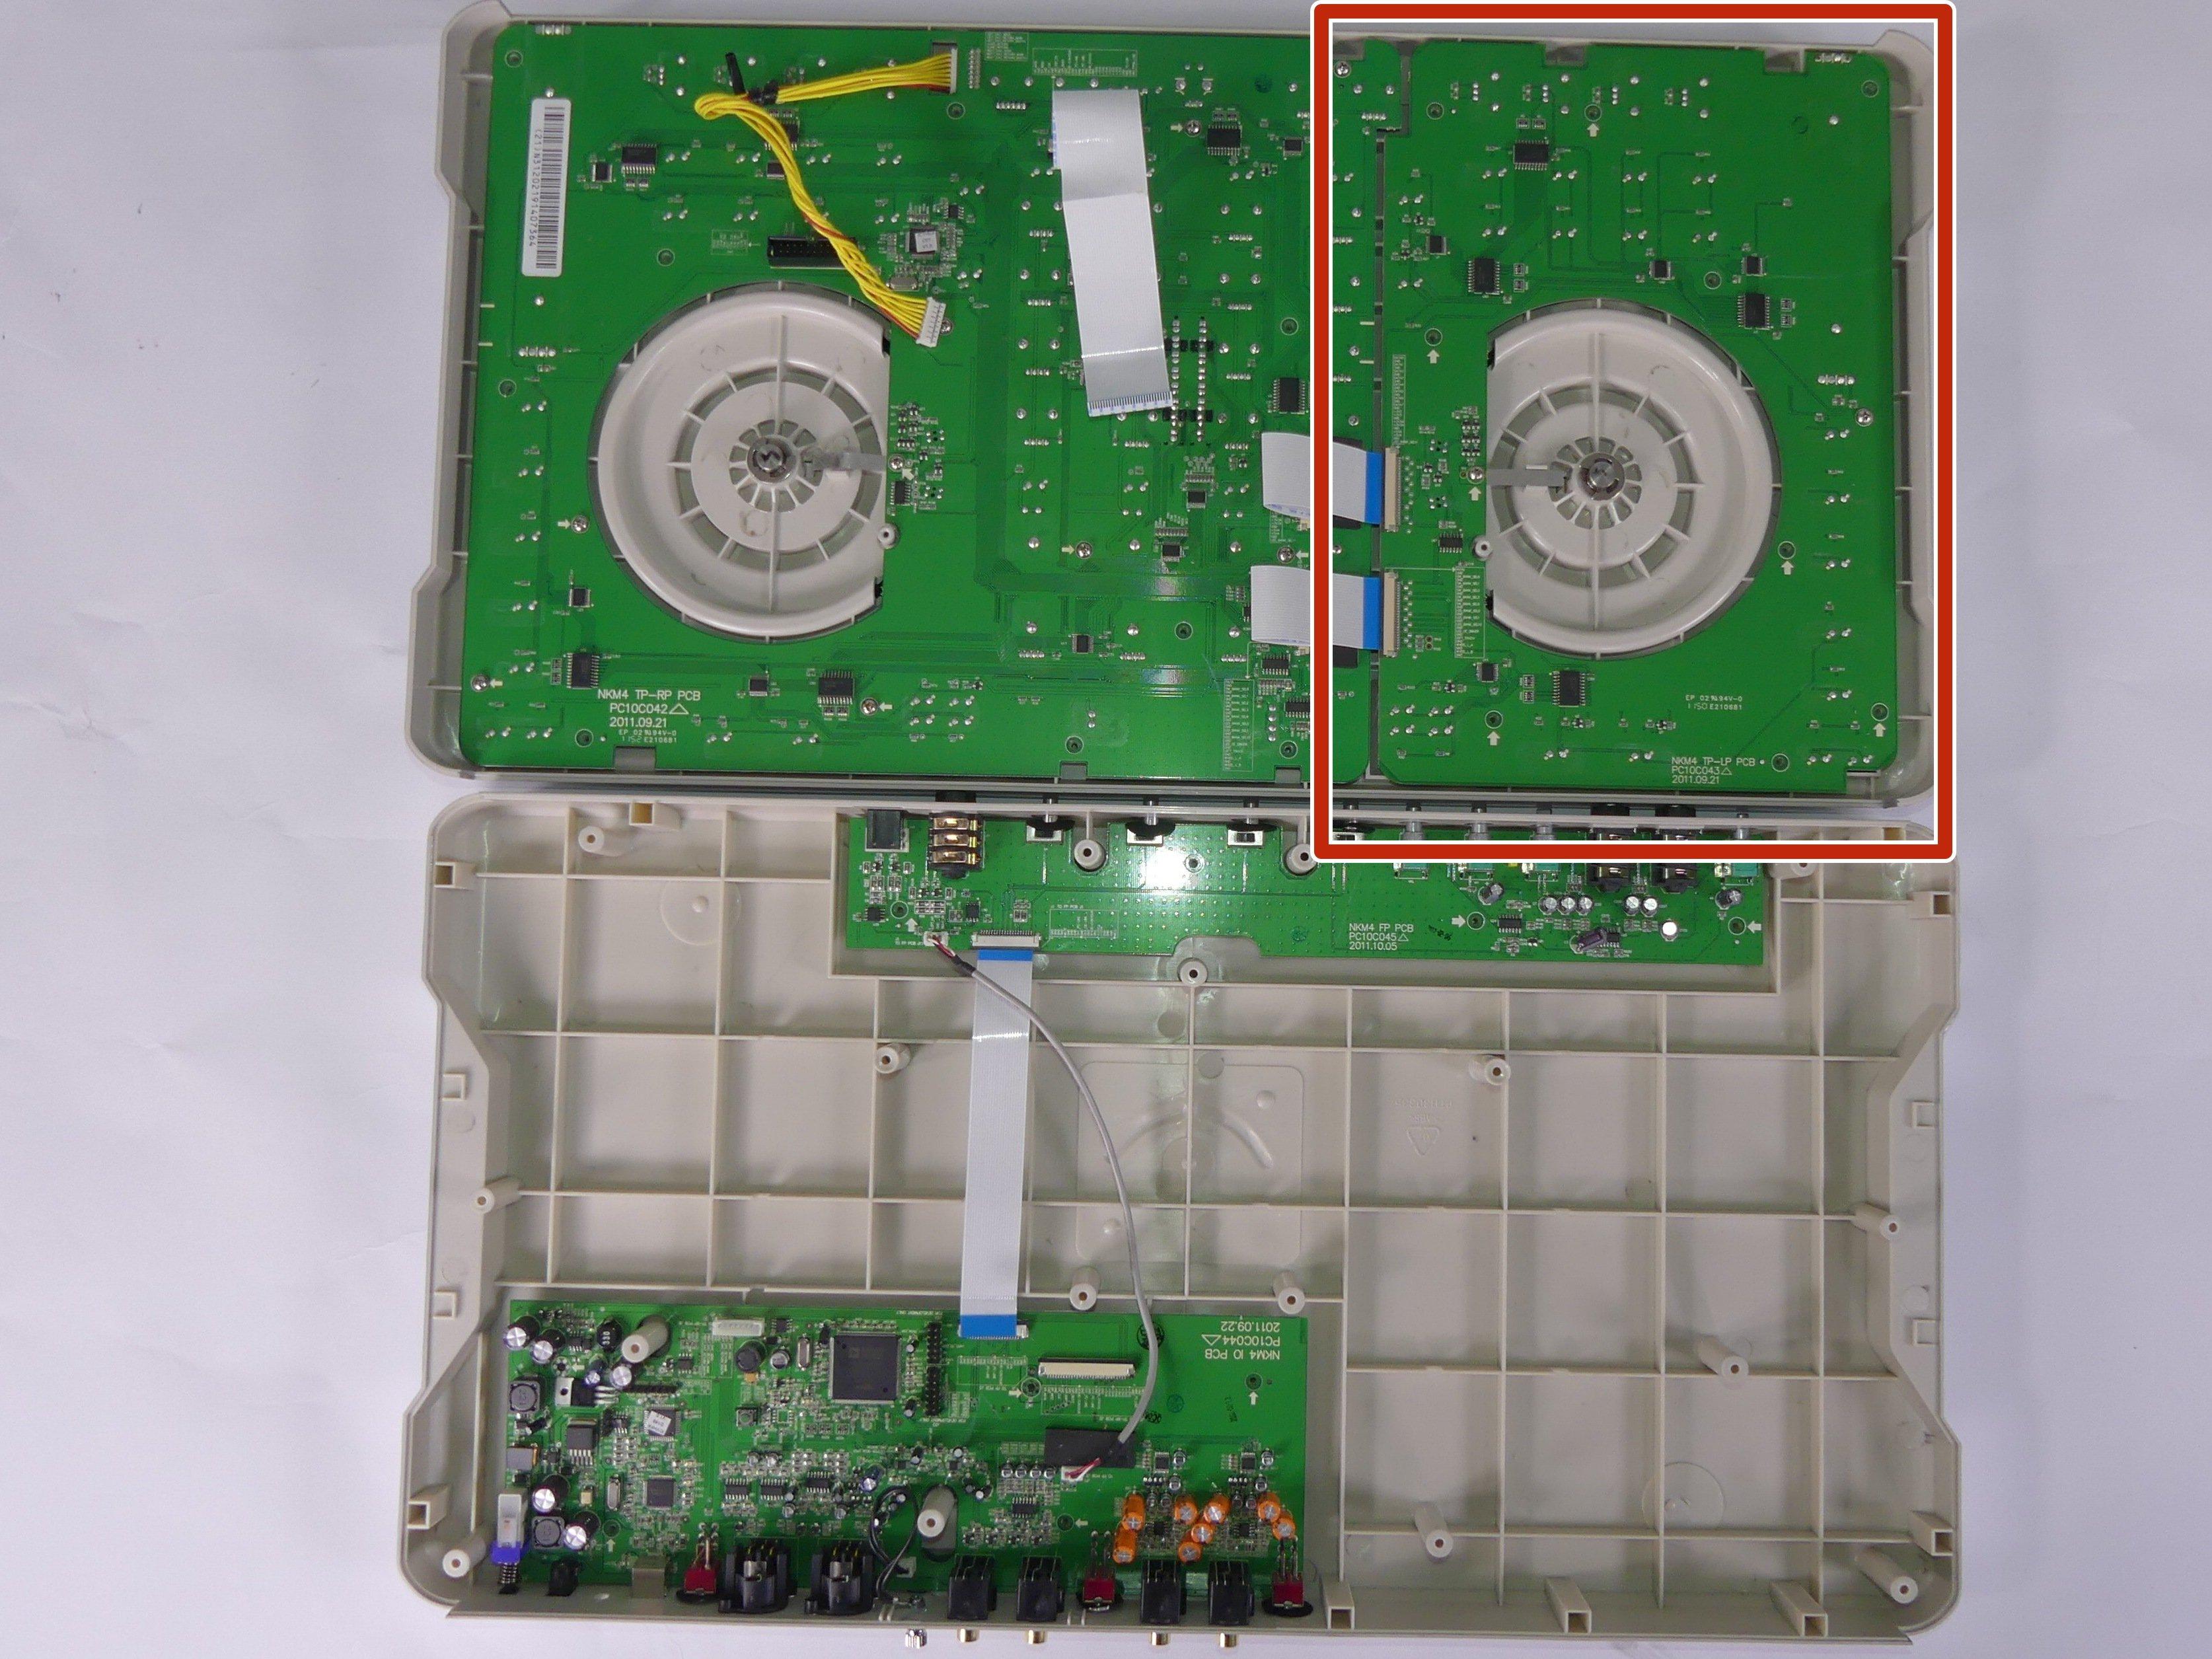 Numark N4 Pcb Circuit Board Replacement Ifixit Repair Guide